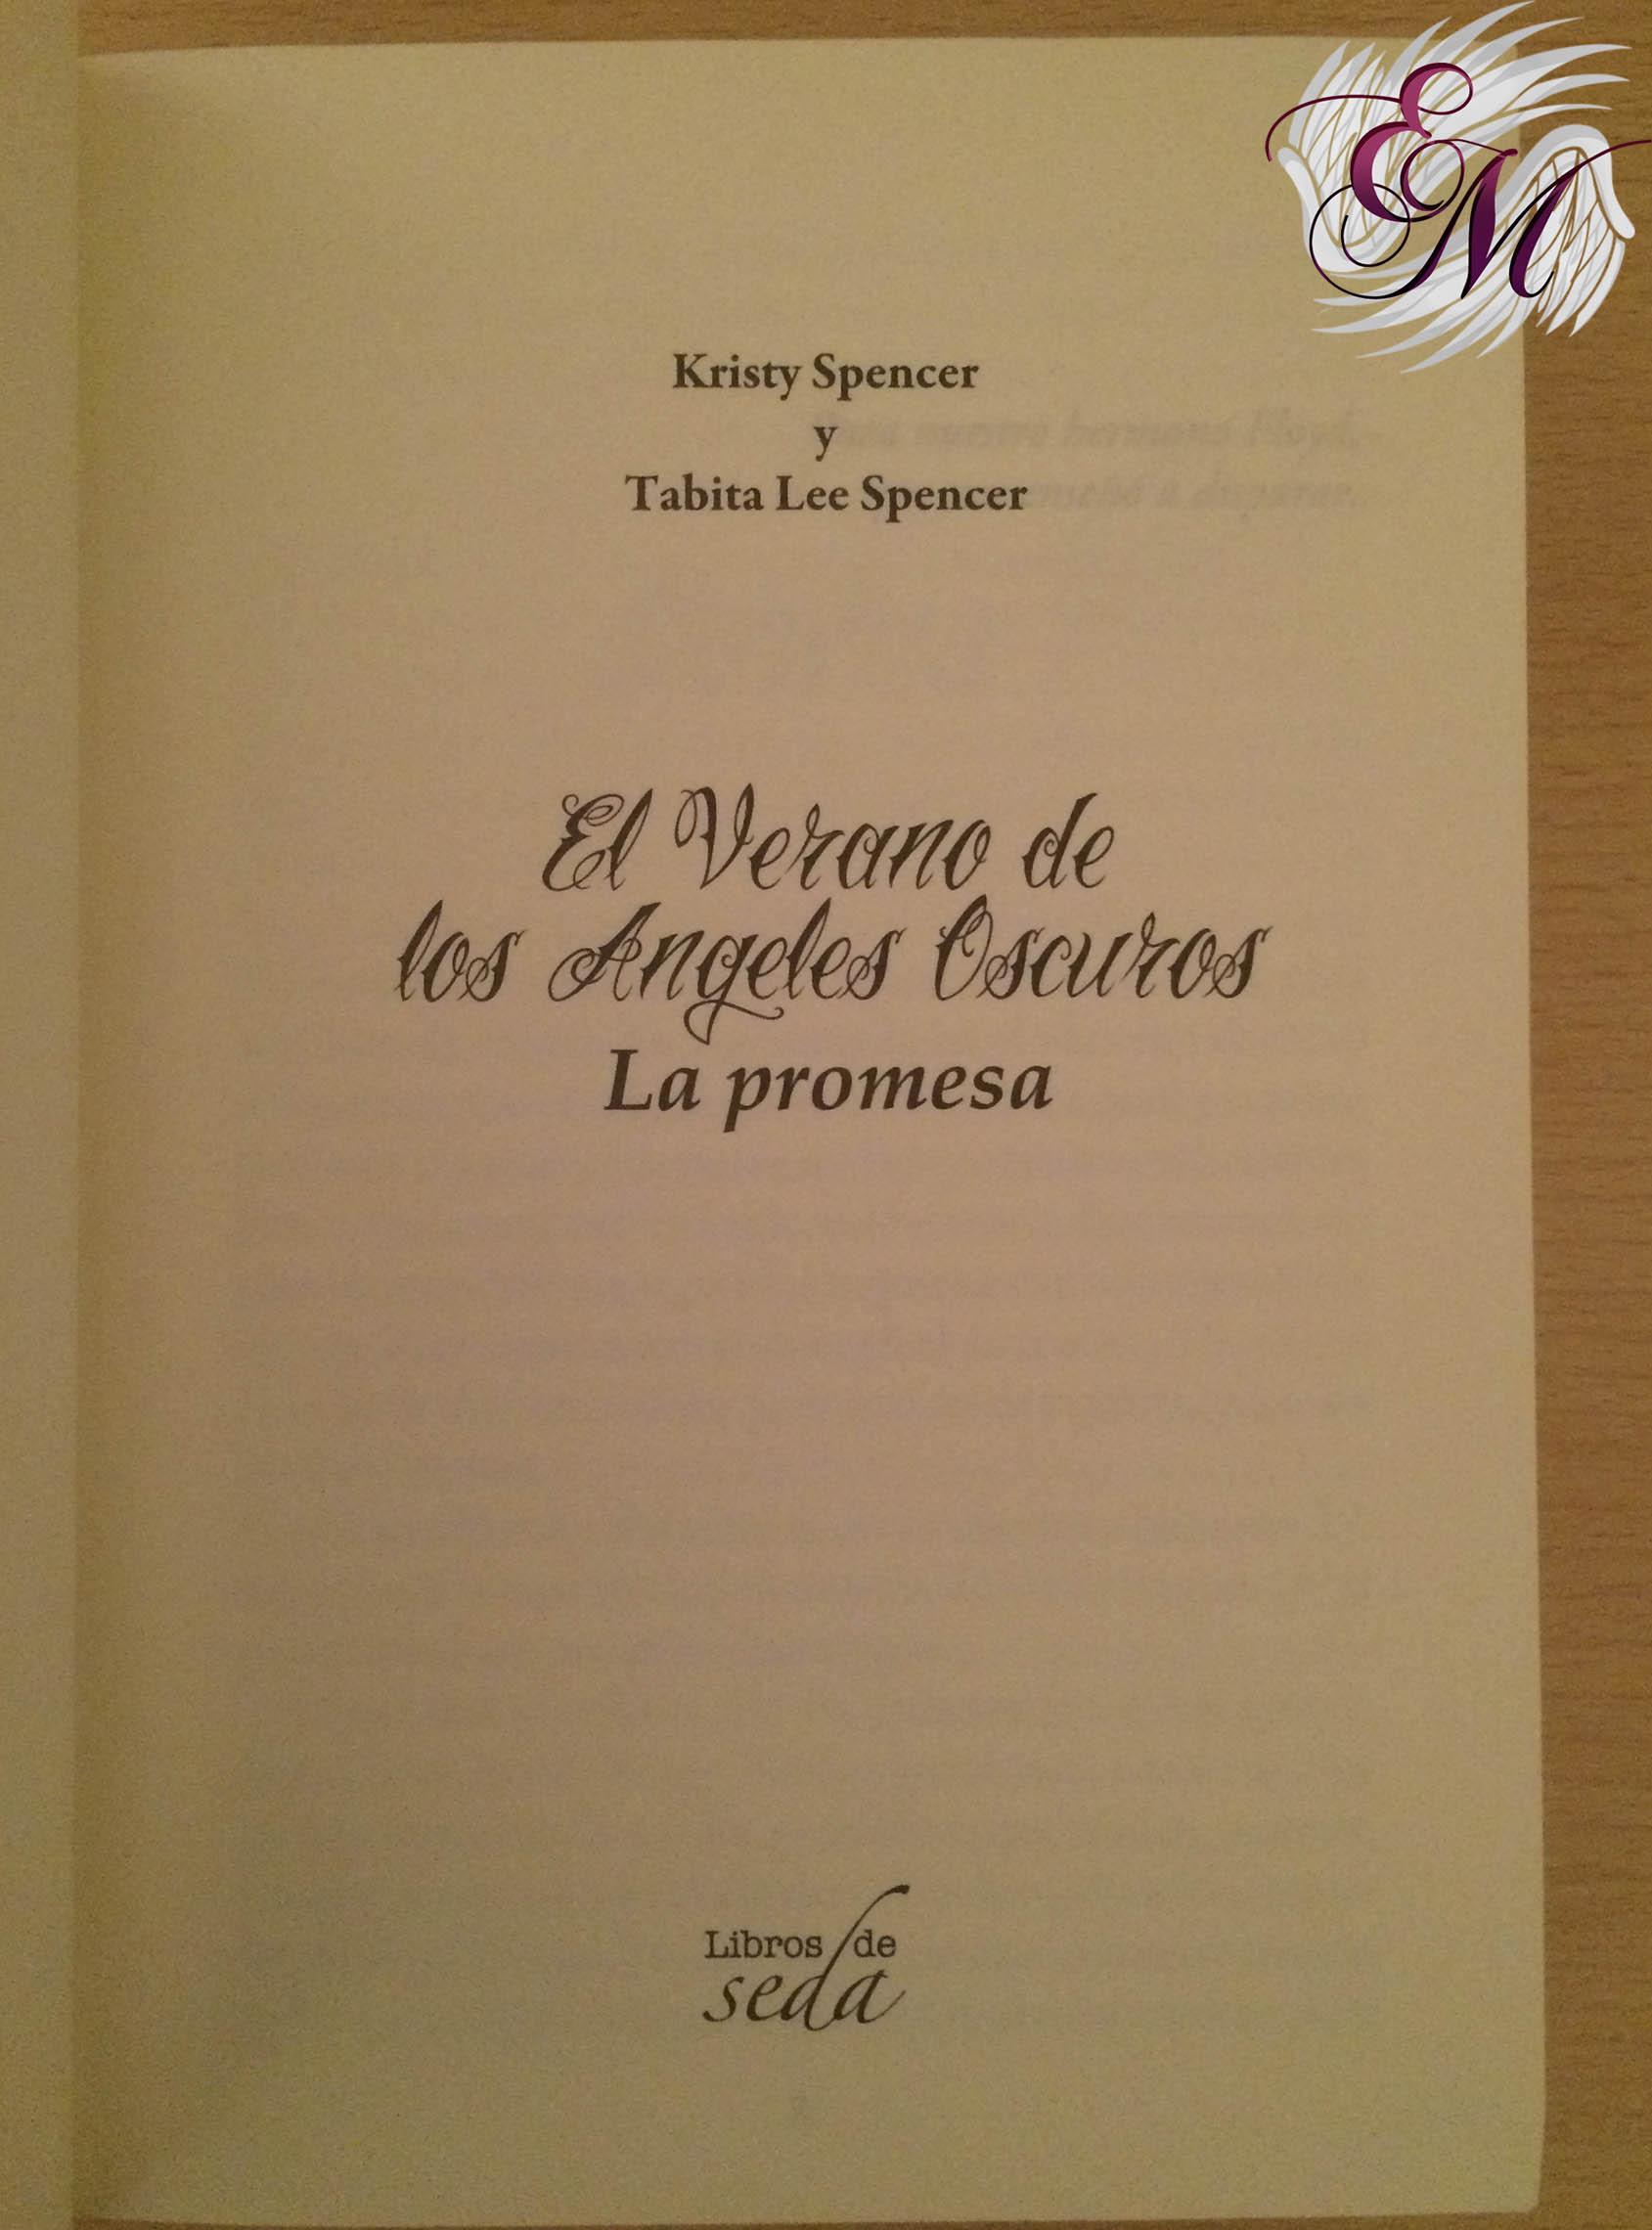 El verano de los ángeles oscuros: La promesa, de Kristy y Tabita Lee Spencer - Reseña